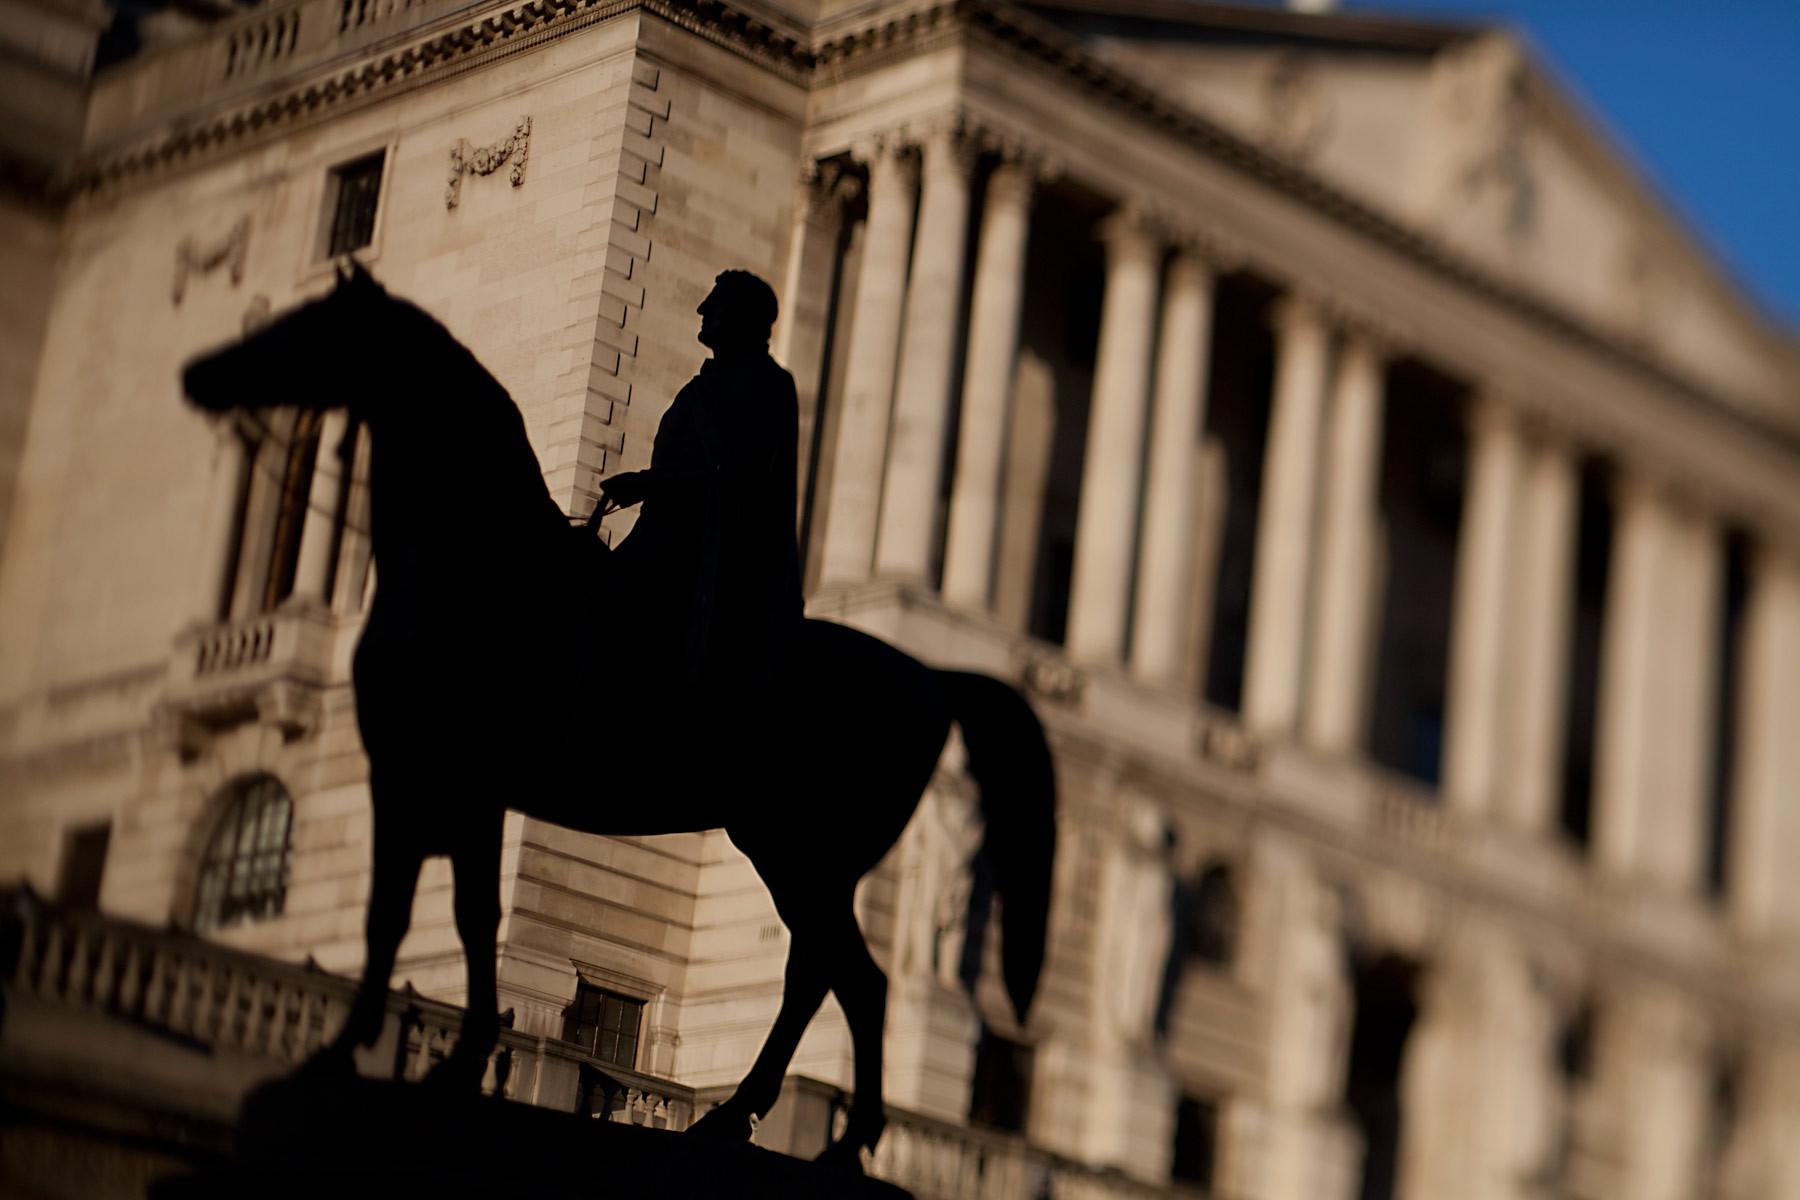 أهم نقاط مسح بنك إنجلترا للأوضاع الائتمانية